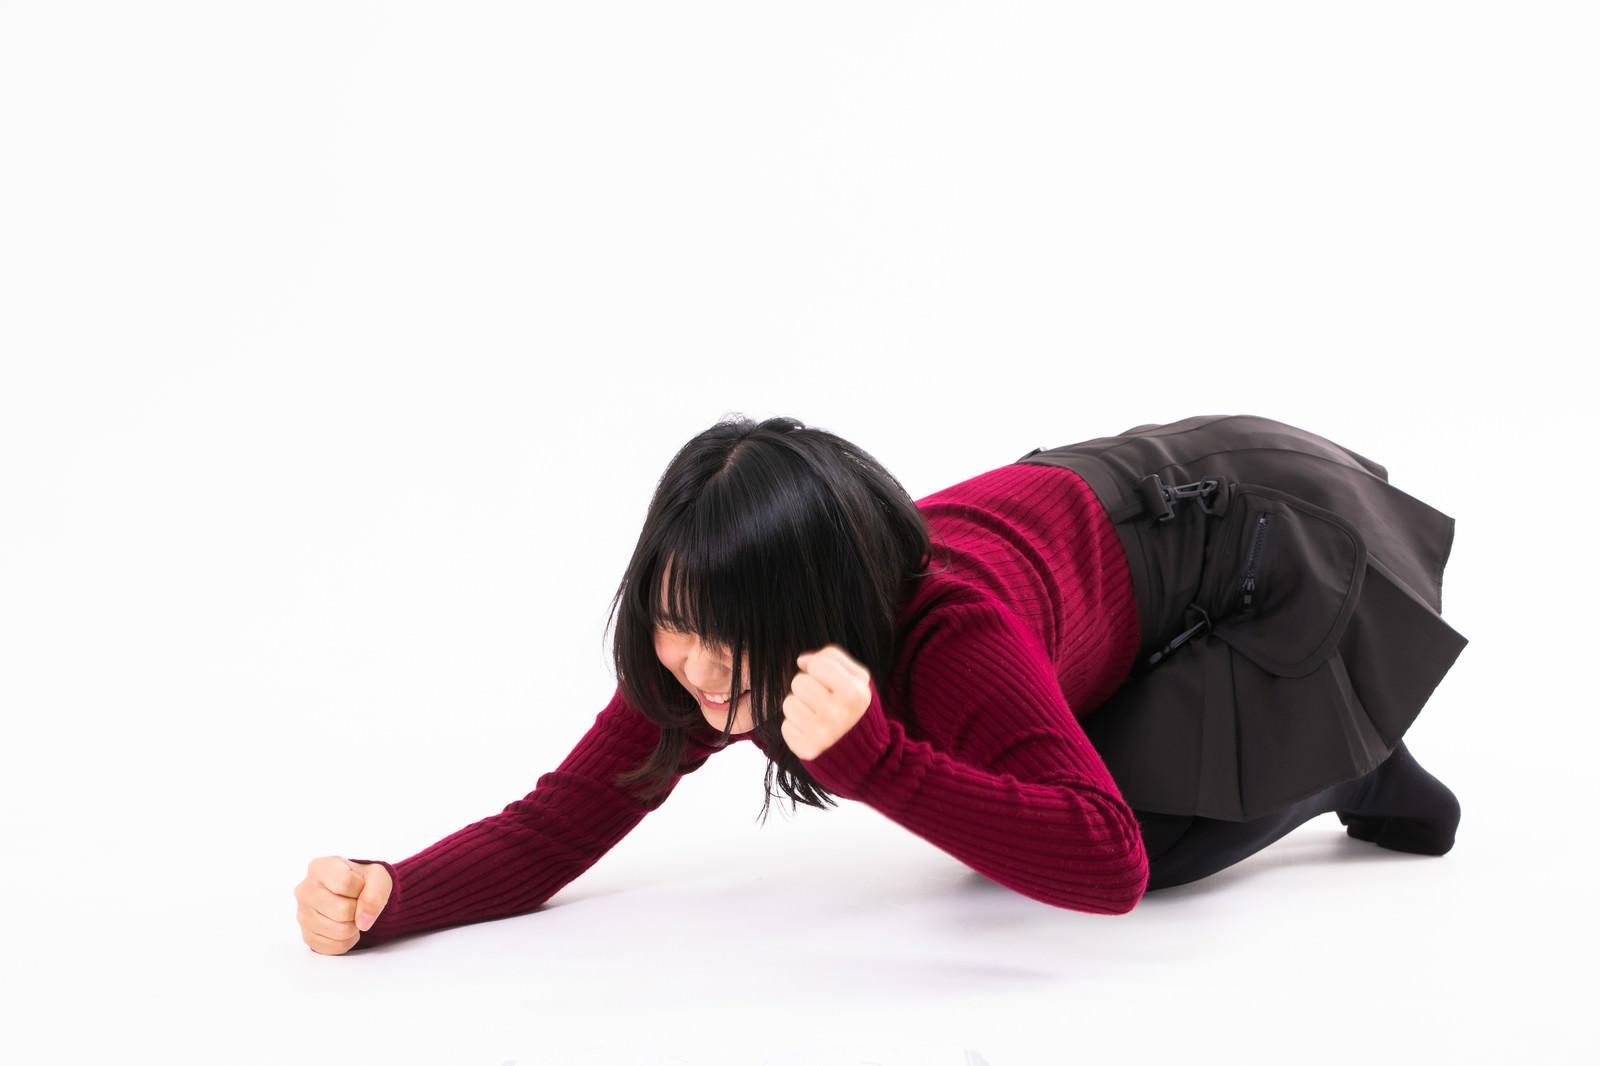 「負けが悔しくて悔してく仕方ない女性」の写真